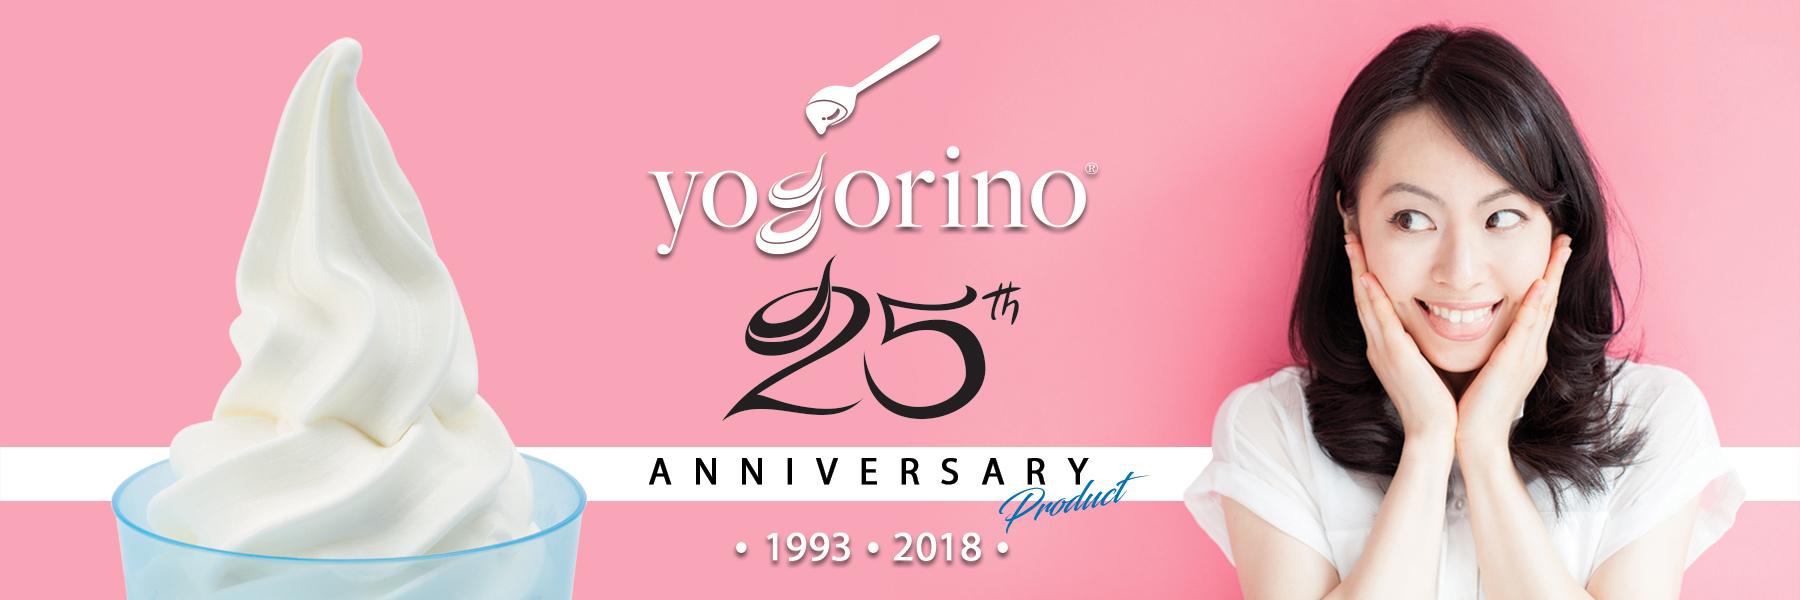 Yogorino Anniversary